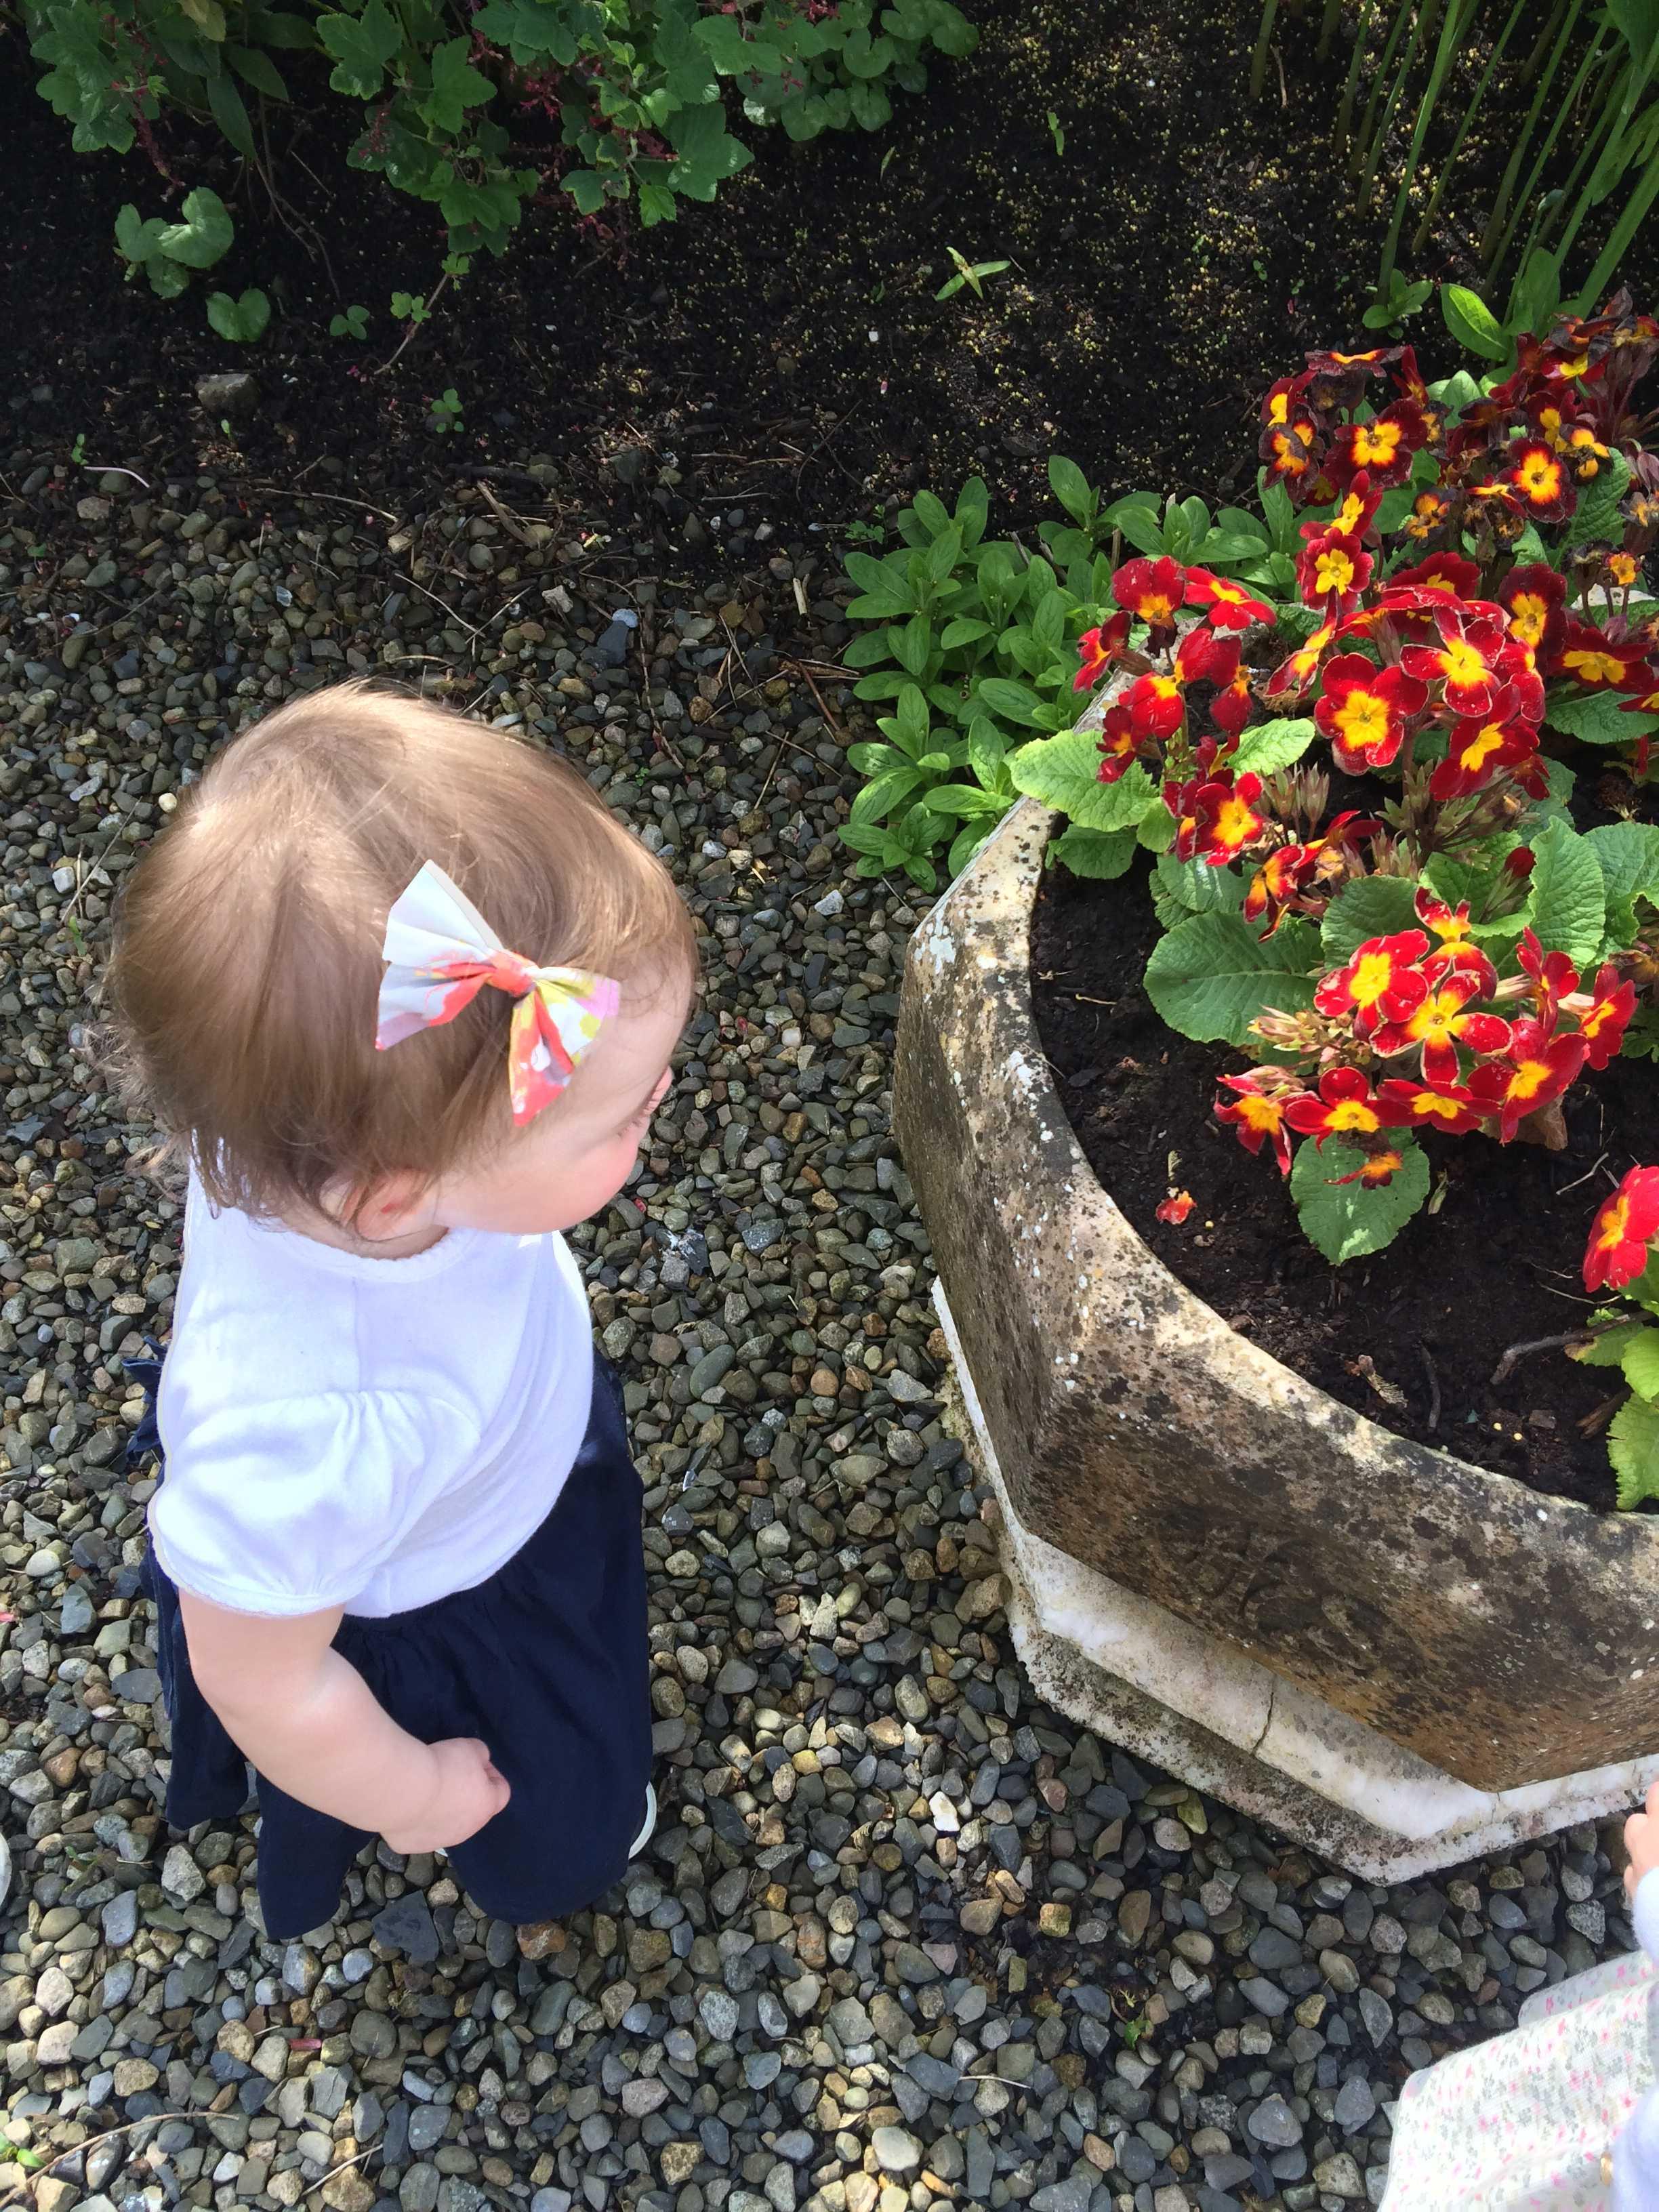 smelling-the-flowers-in-garden-in-ireland.jpg